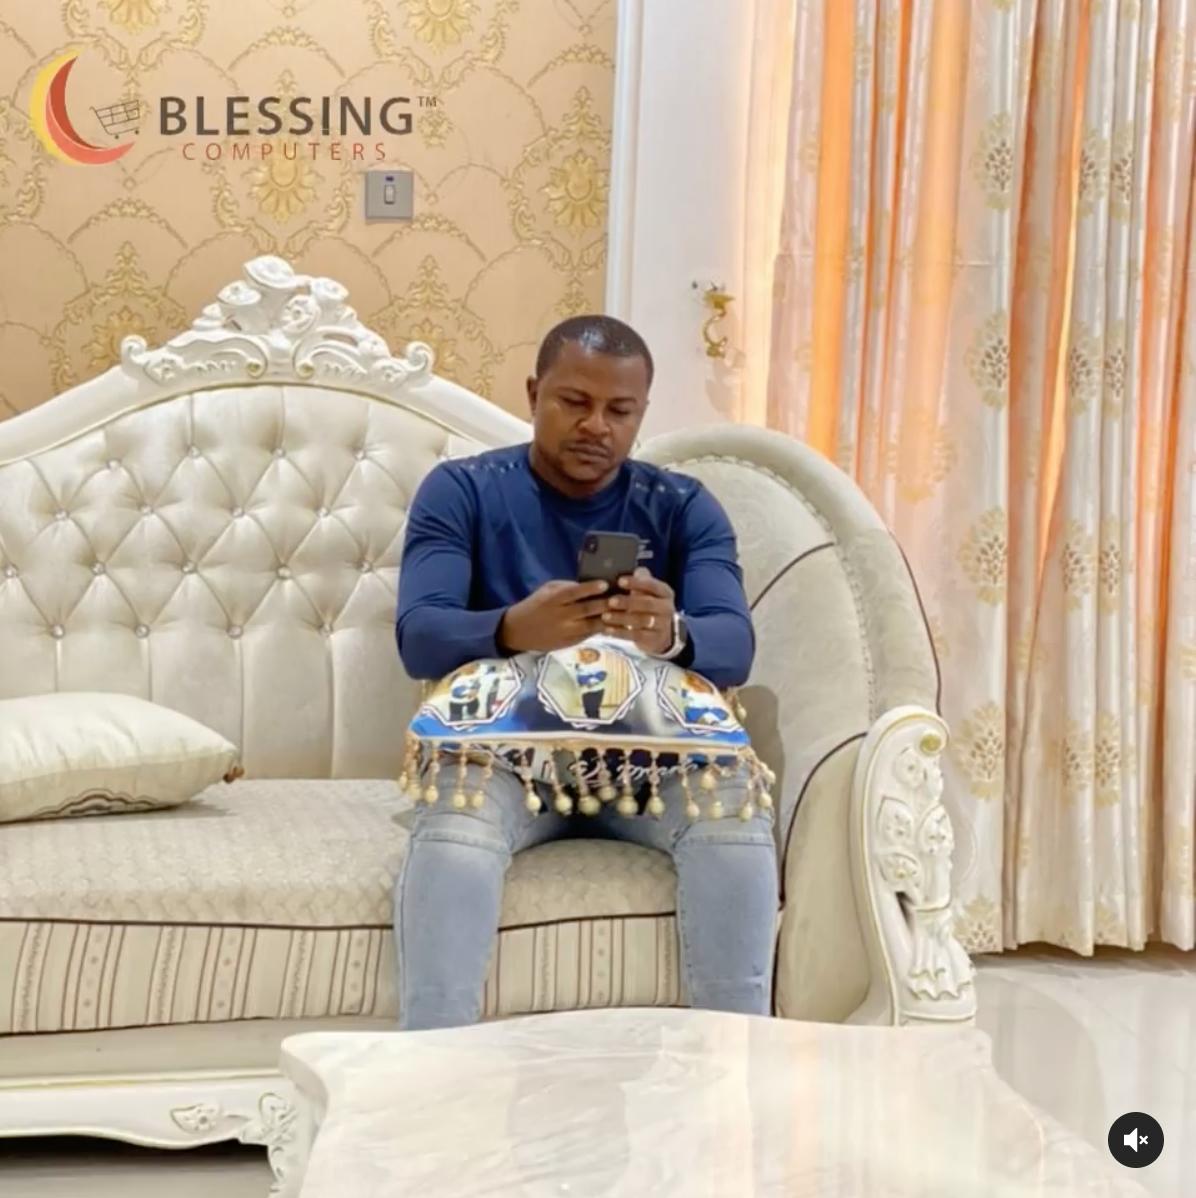 Mr Blessing